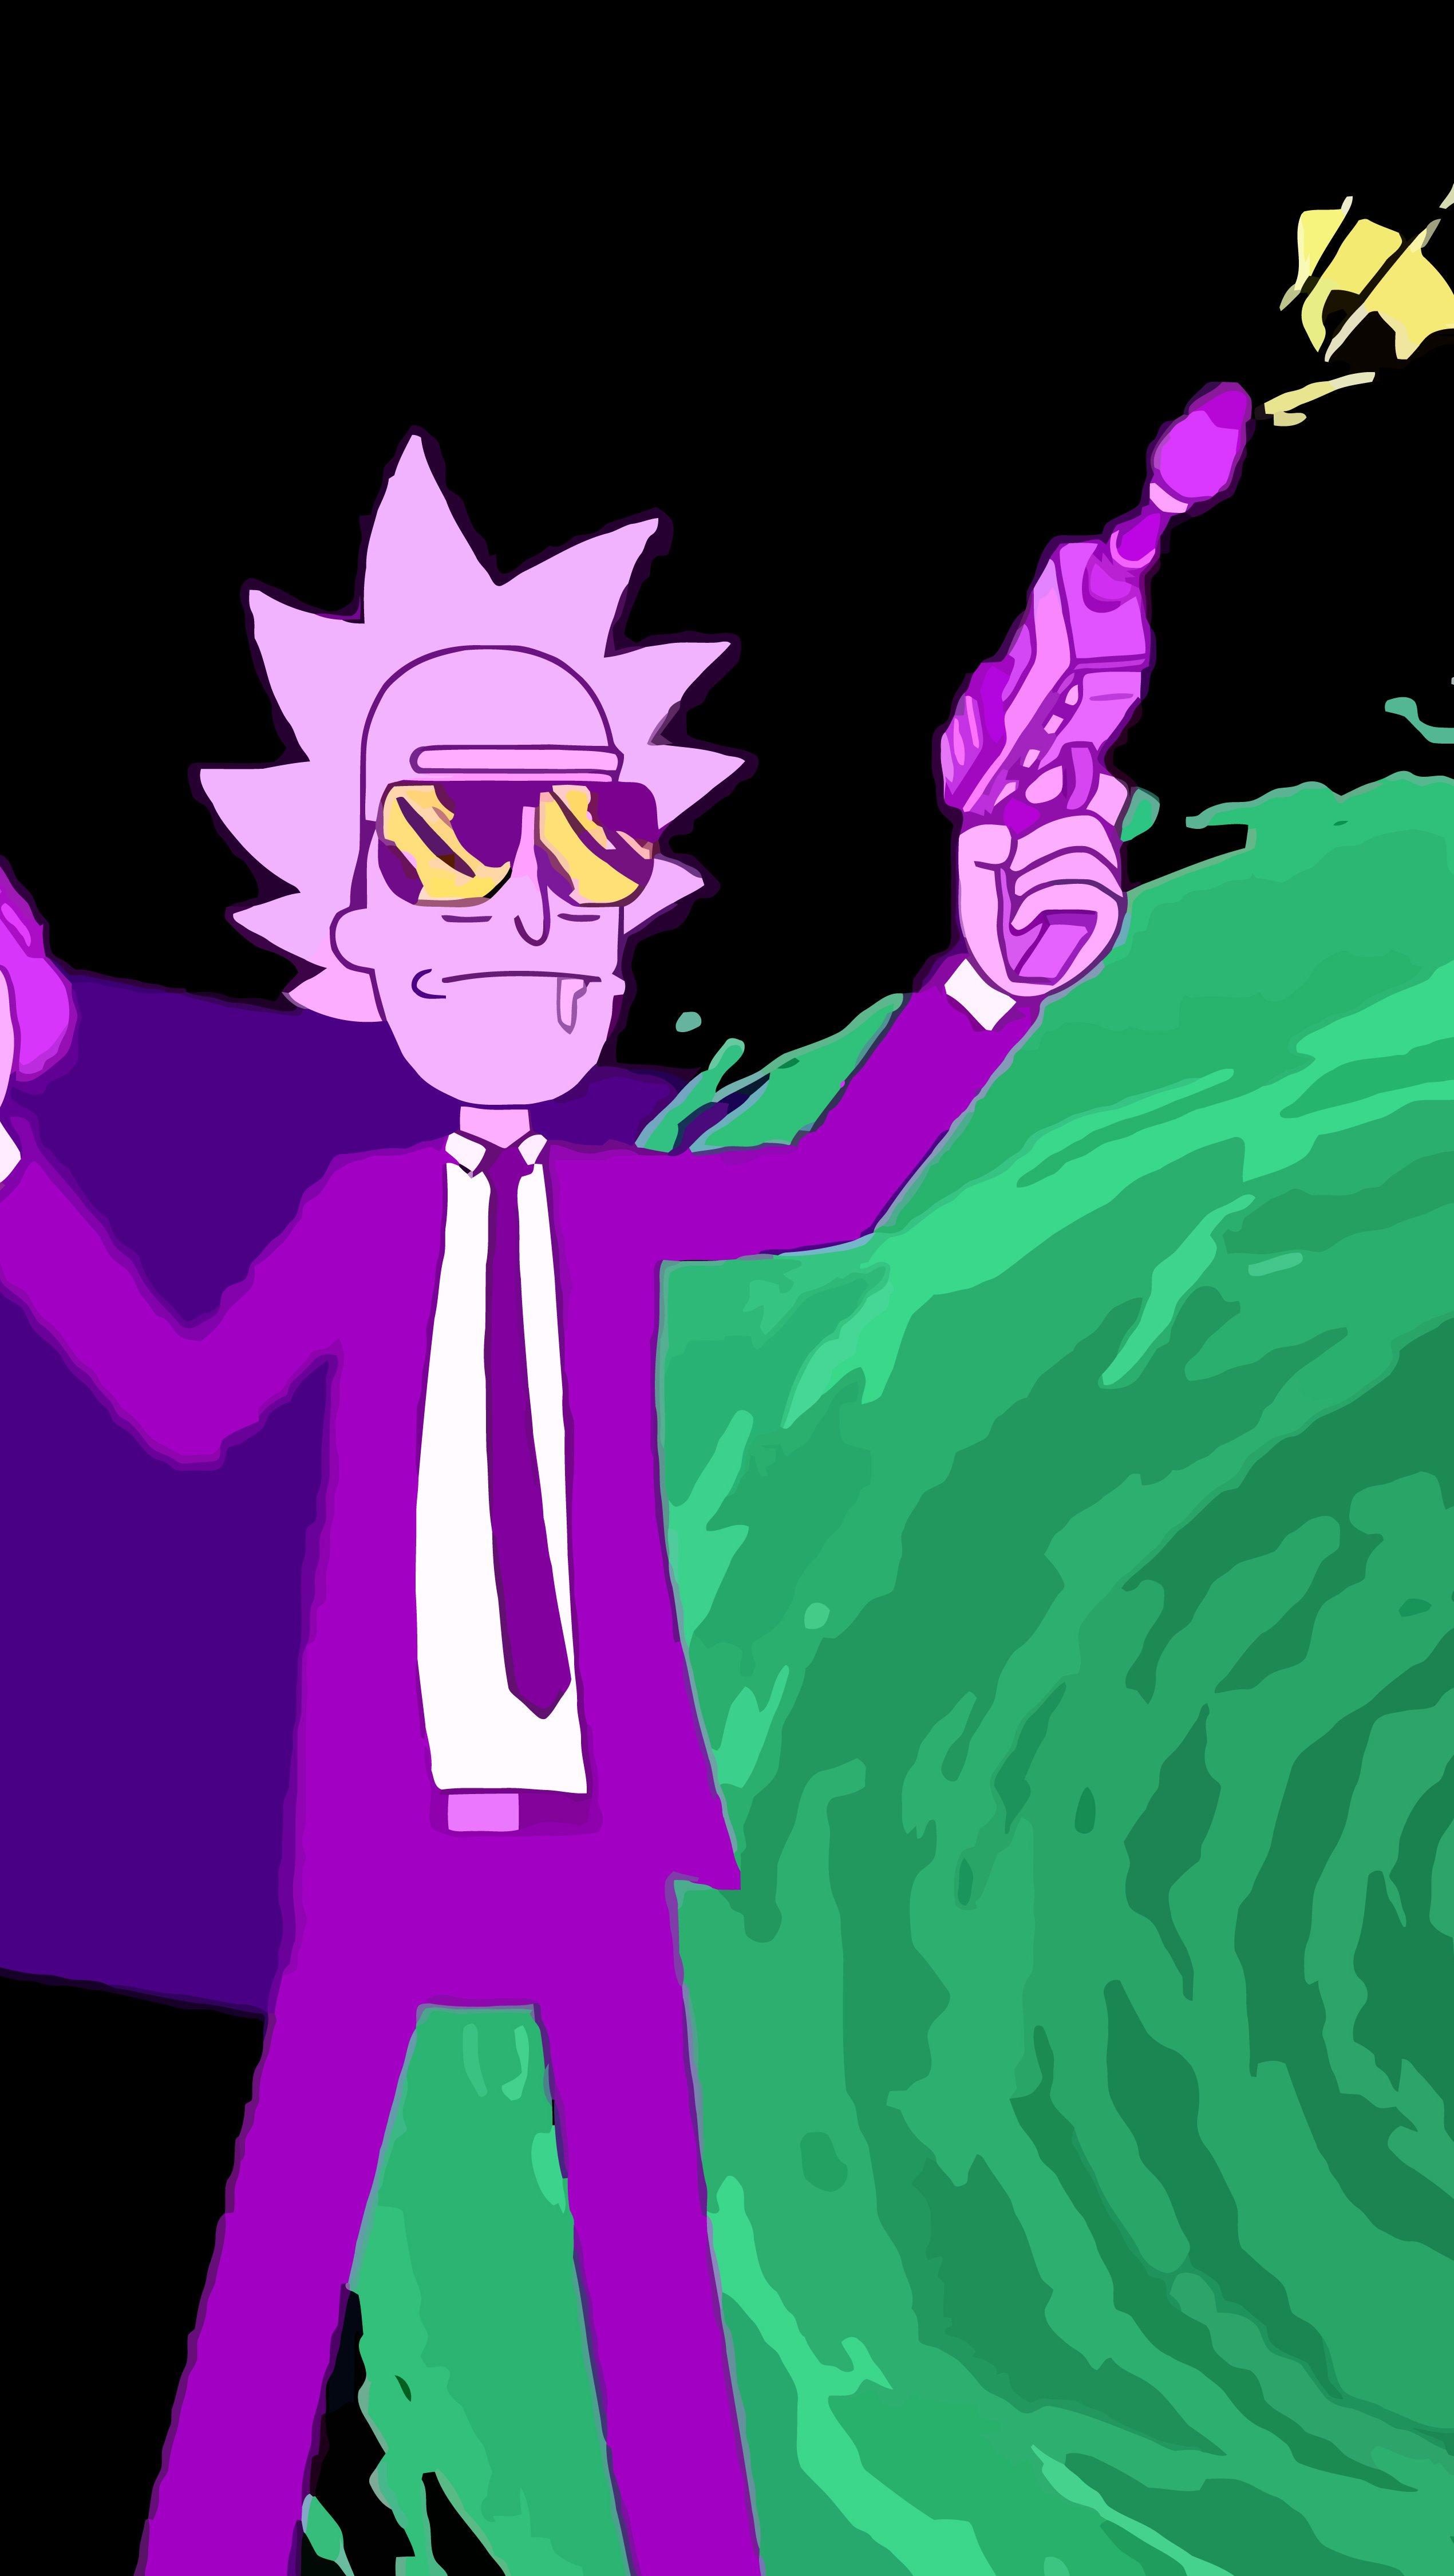 Fondos de pantalla Rick y Morty con armas Vertical